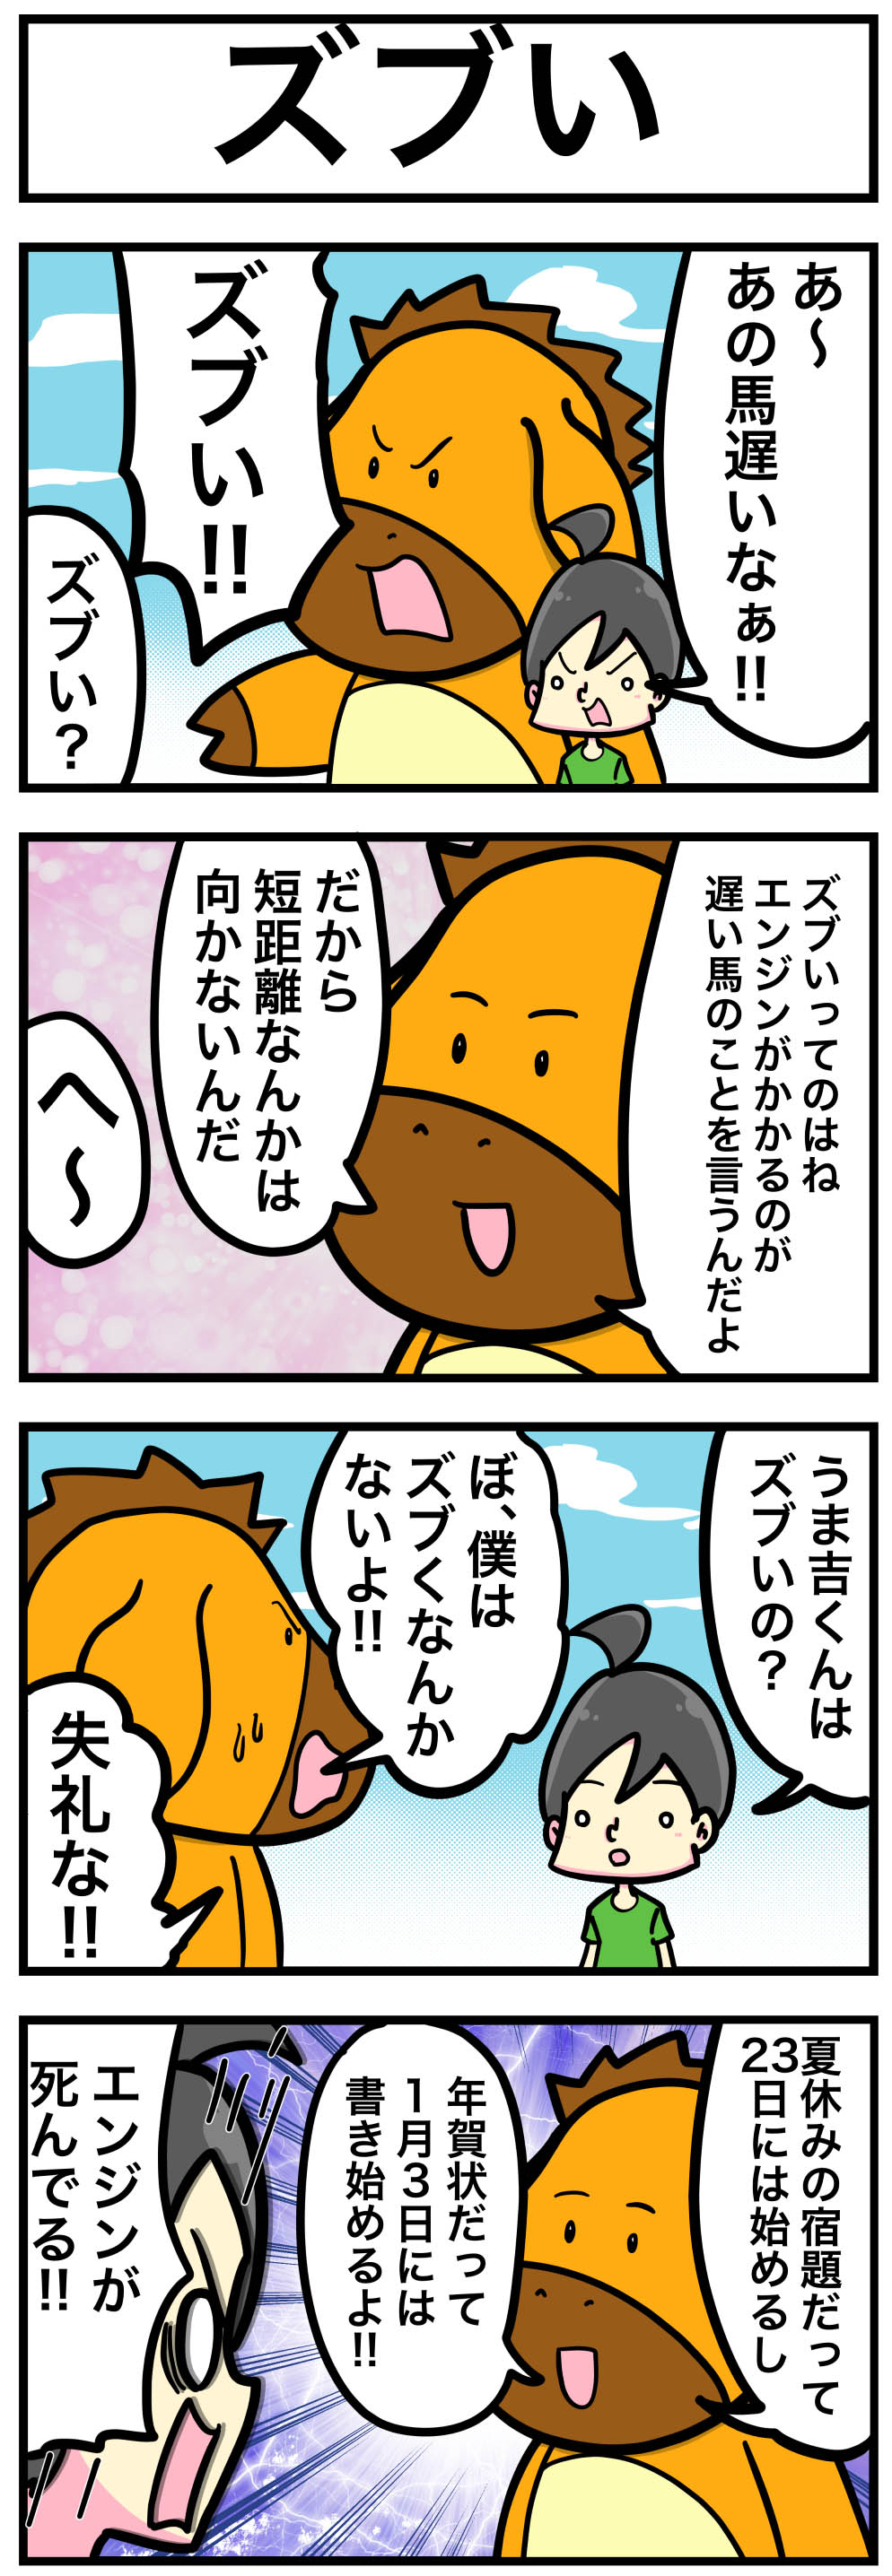 ズブい【うま吉の鉄板穴馬マンガ】